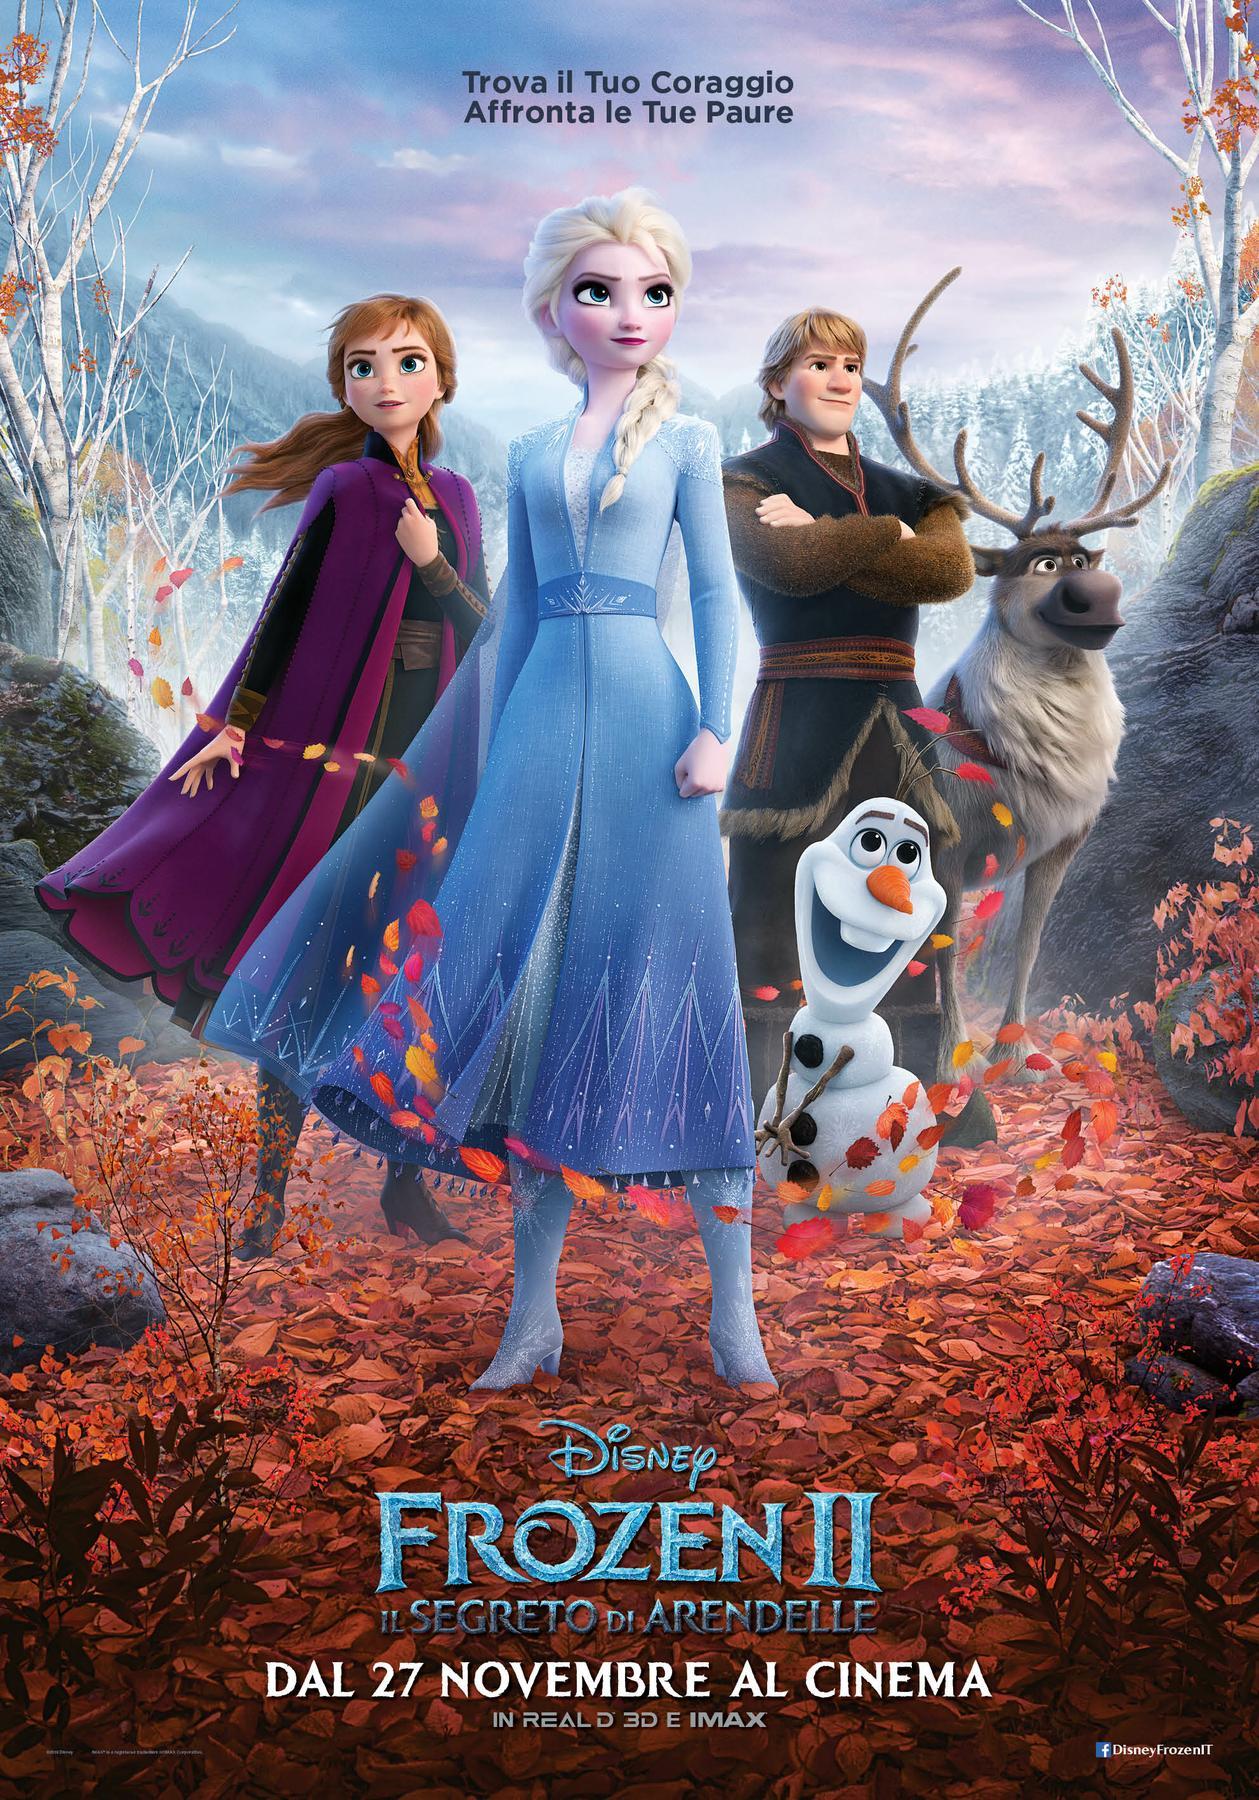 Frozen 2 – Il segreto di Arendelle -  Jennifer Lee e Chris Buck